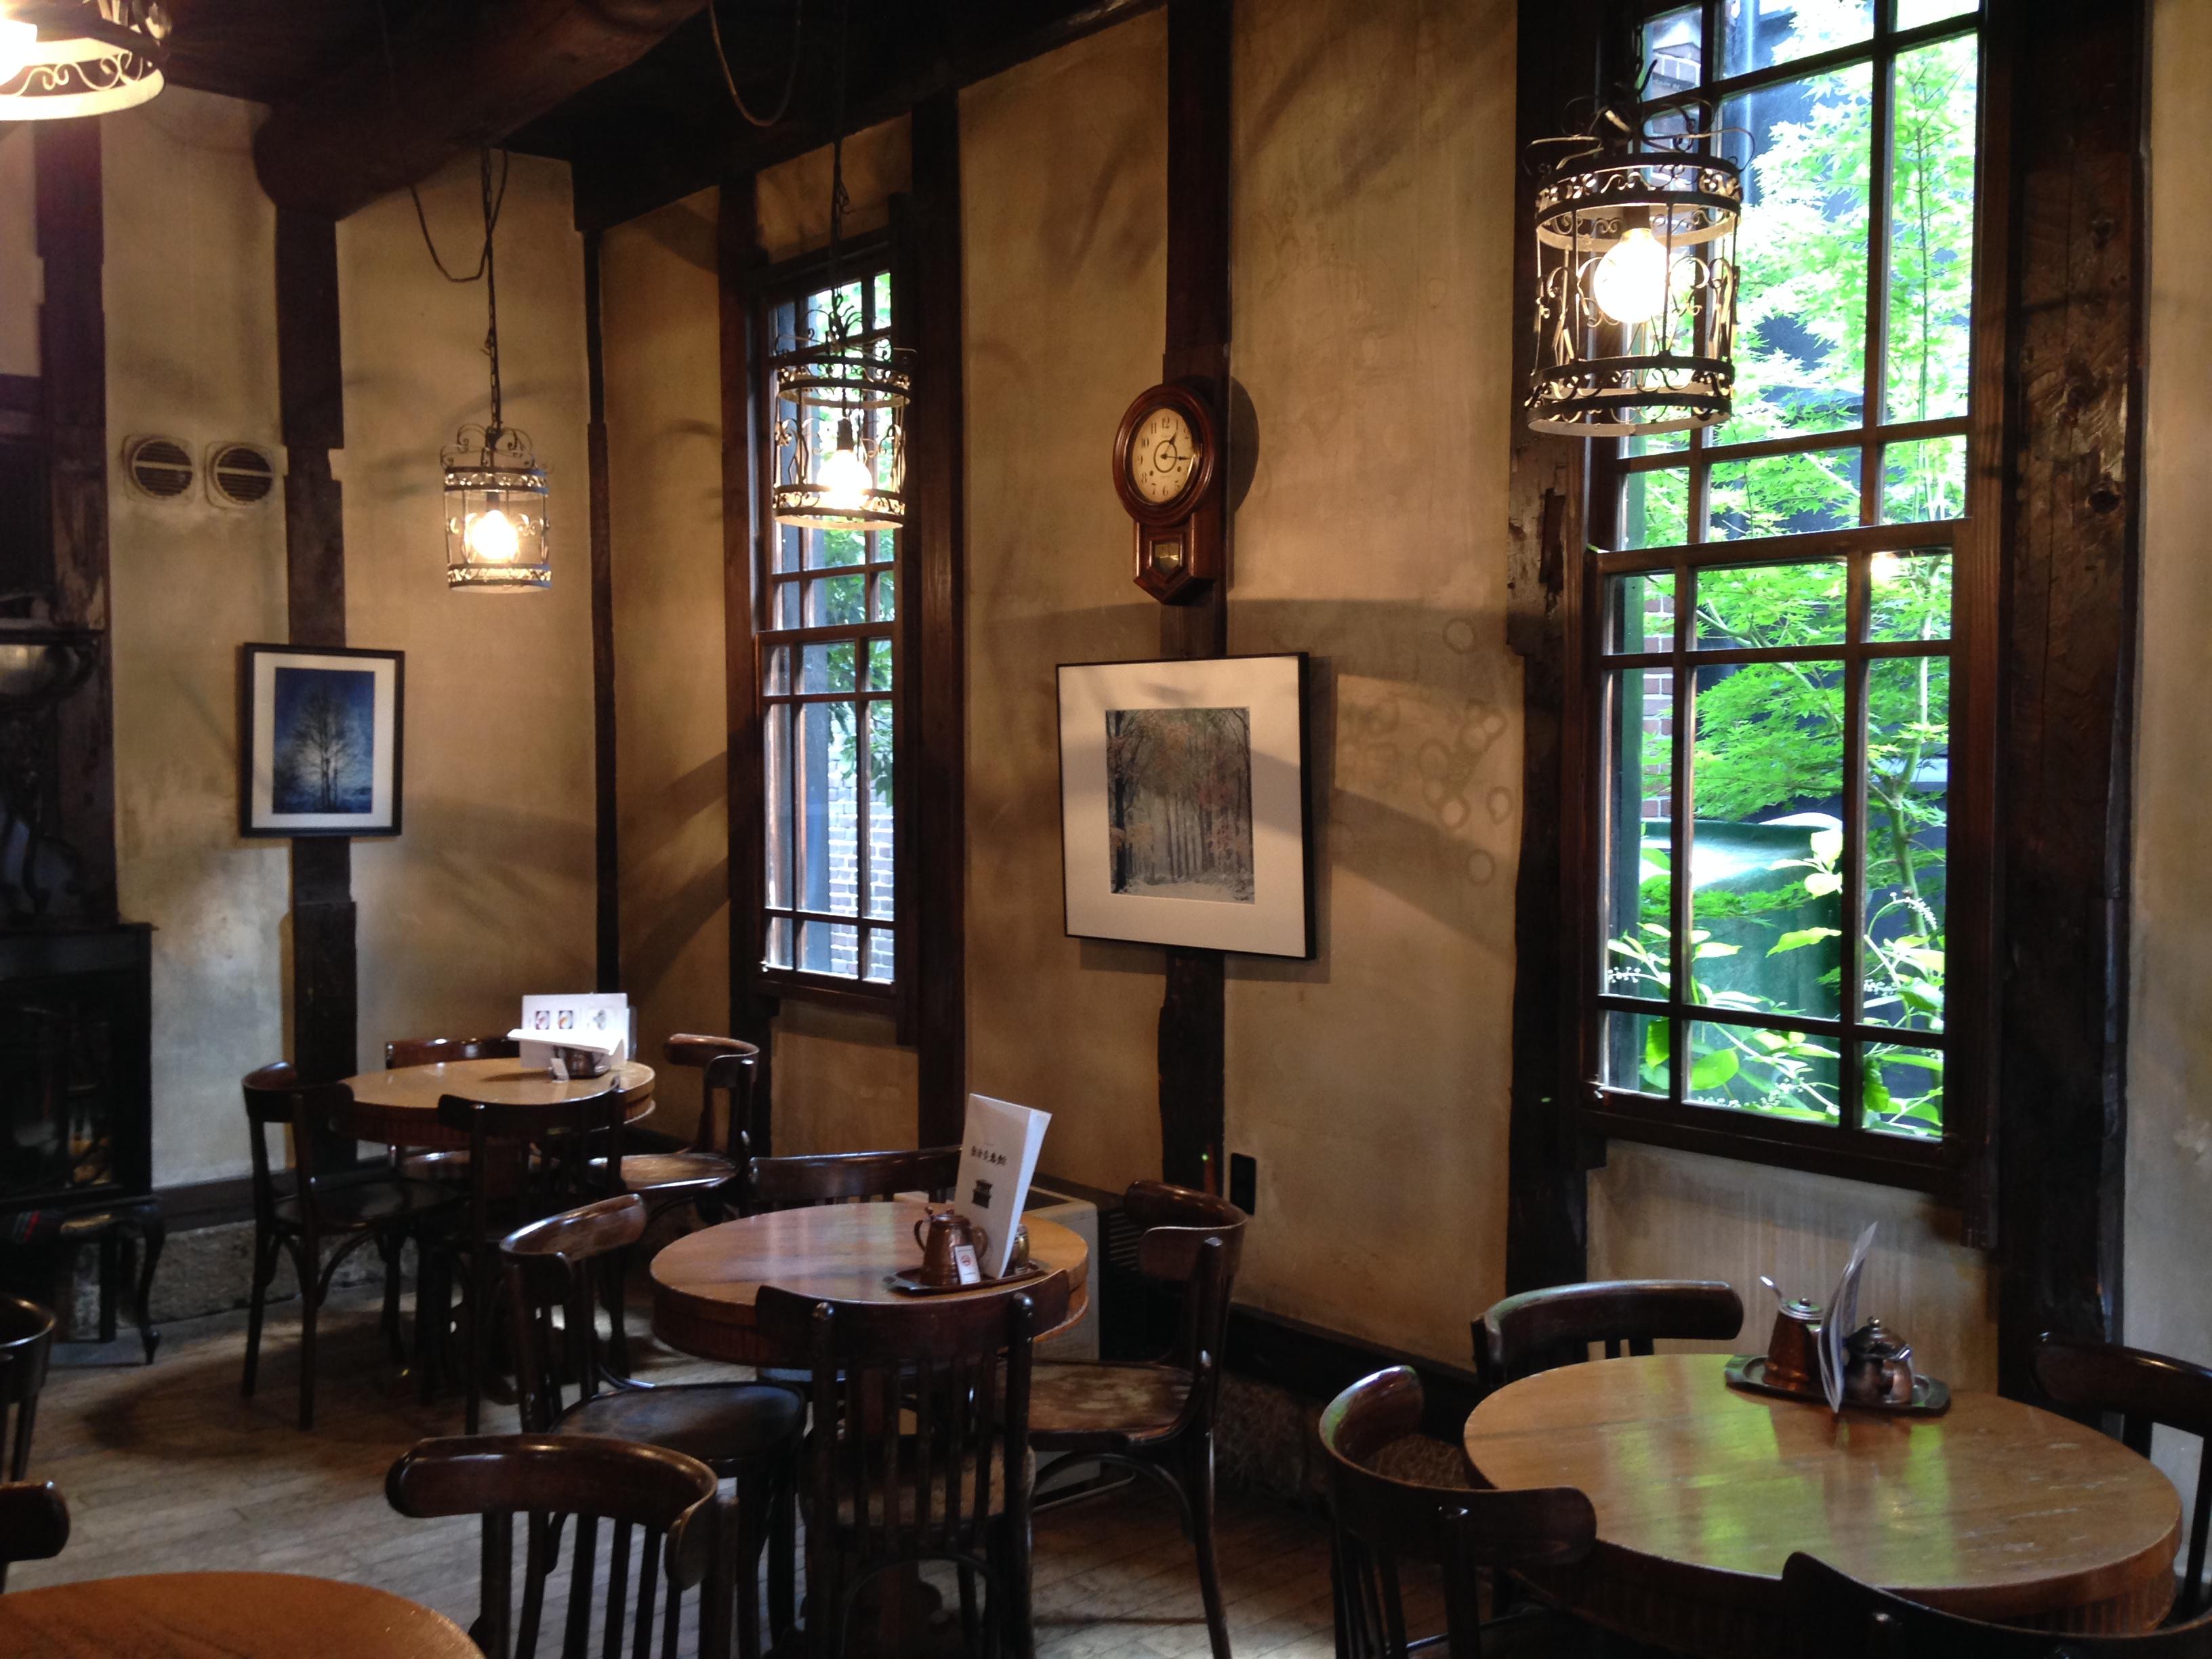 咖啡馆的环境洋溢着旧英伦的气息。